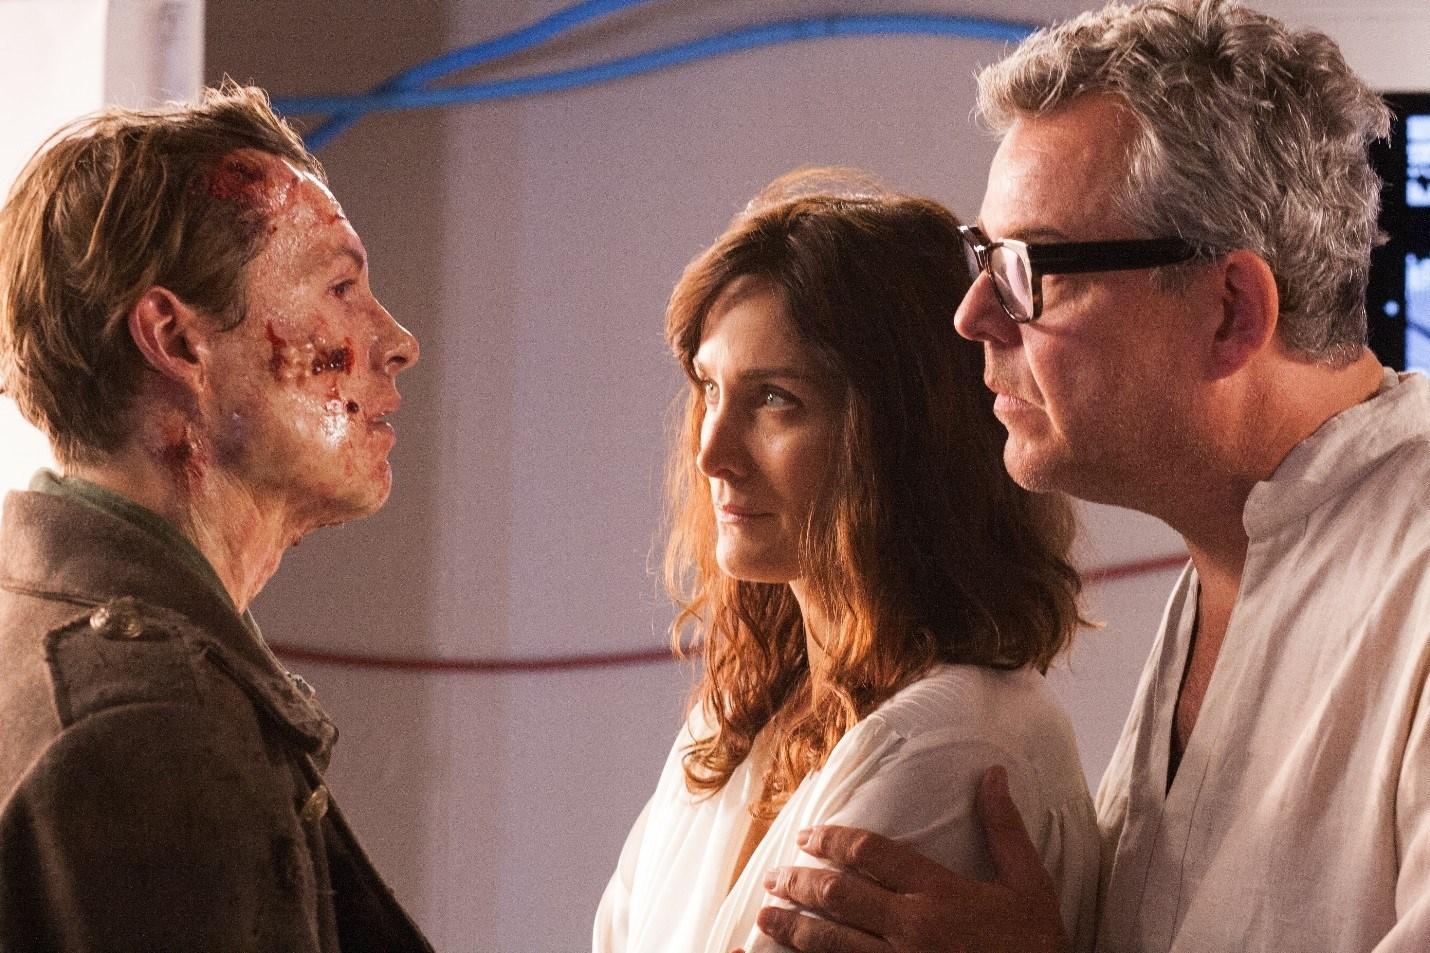 The Monster (Xavier Samuel) with Dr Frankenstein (Danny Huston) and Elizabeth (Carrie-Ann Moss) in Frankenstein (2015)